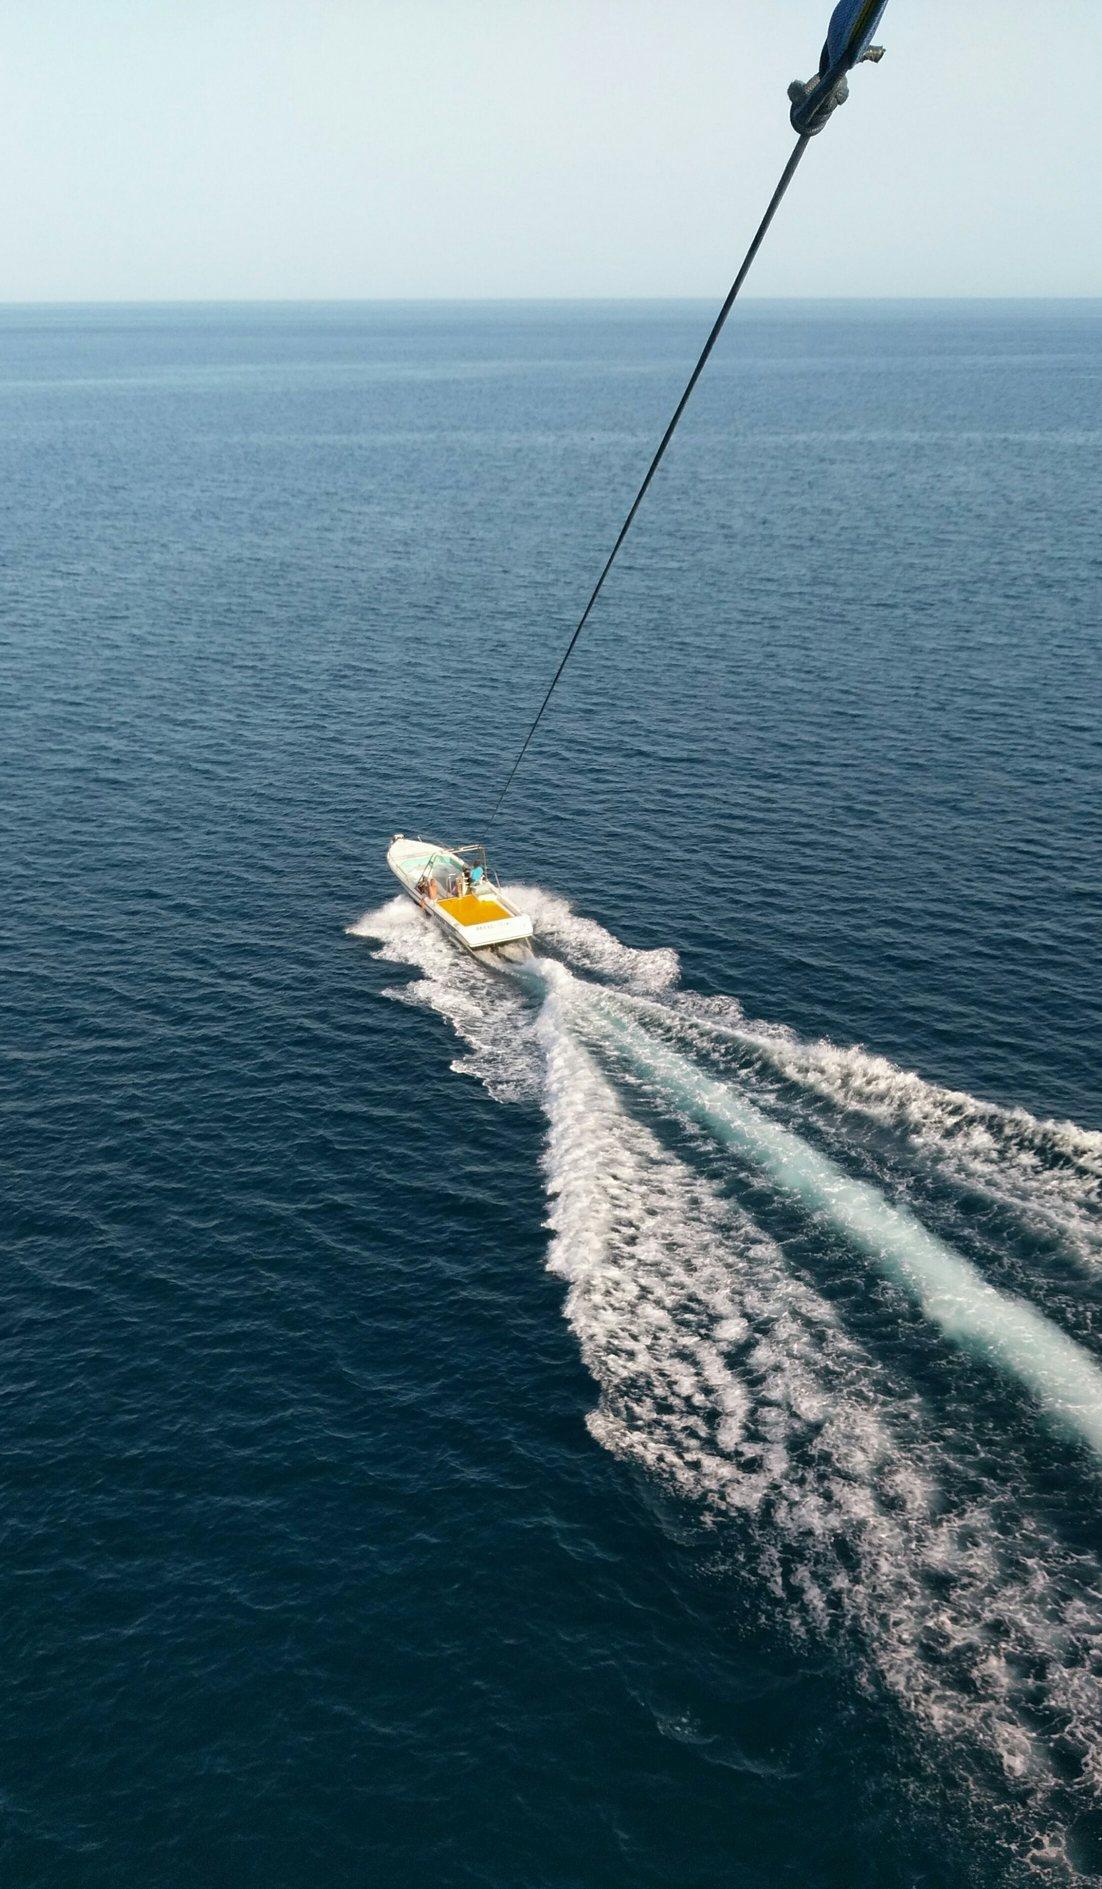 Родос, море, катер, фото с высоты полёта